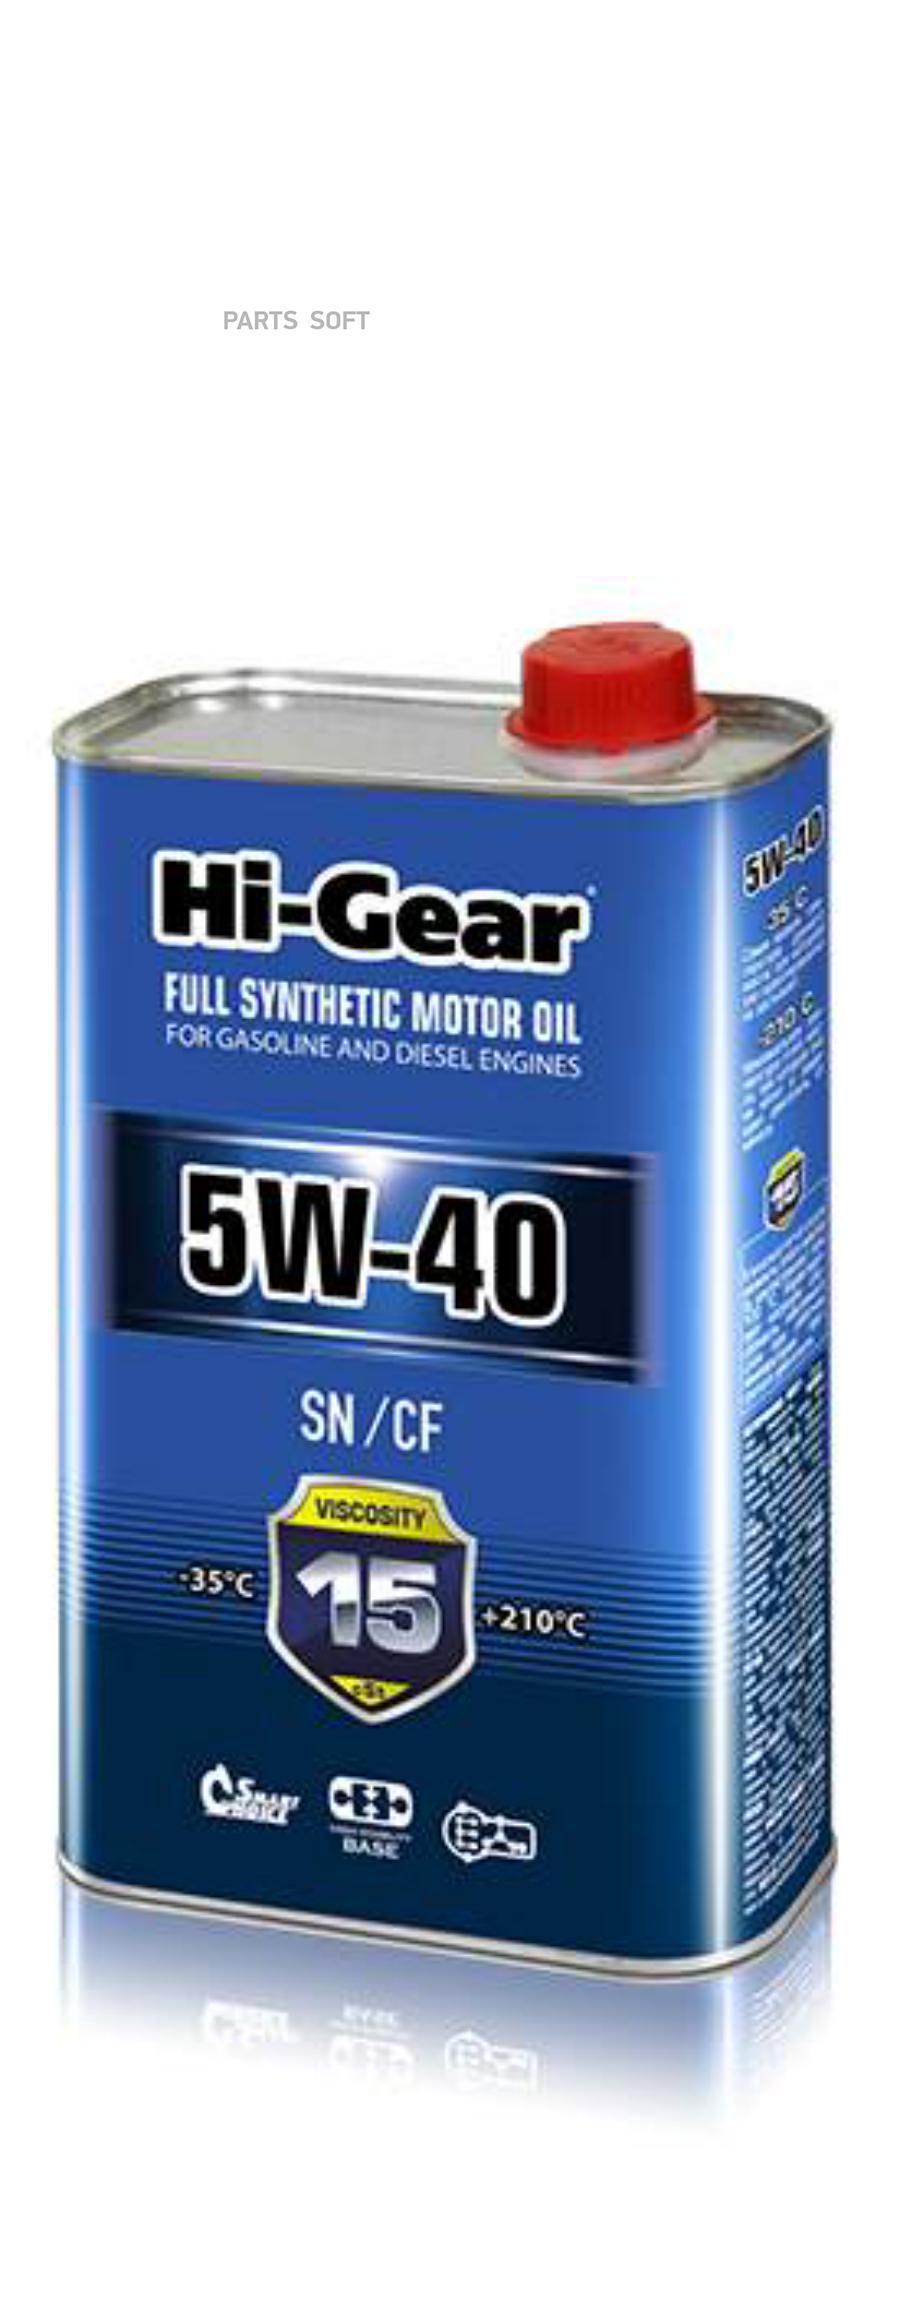 Масло моторное HI-GEAR 5W-40 (1 л.) синтетика